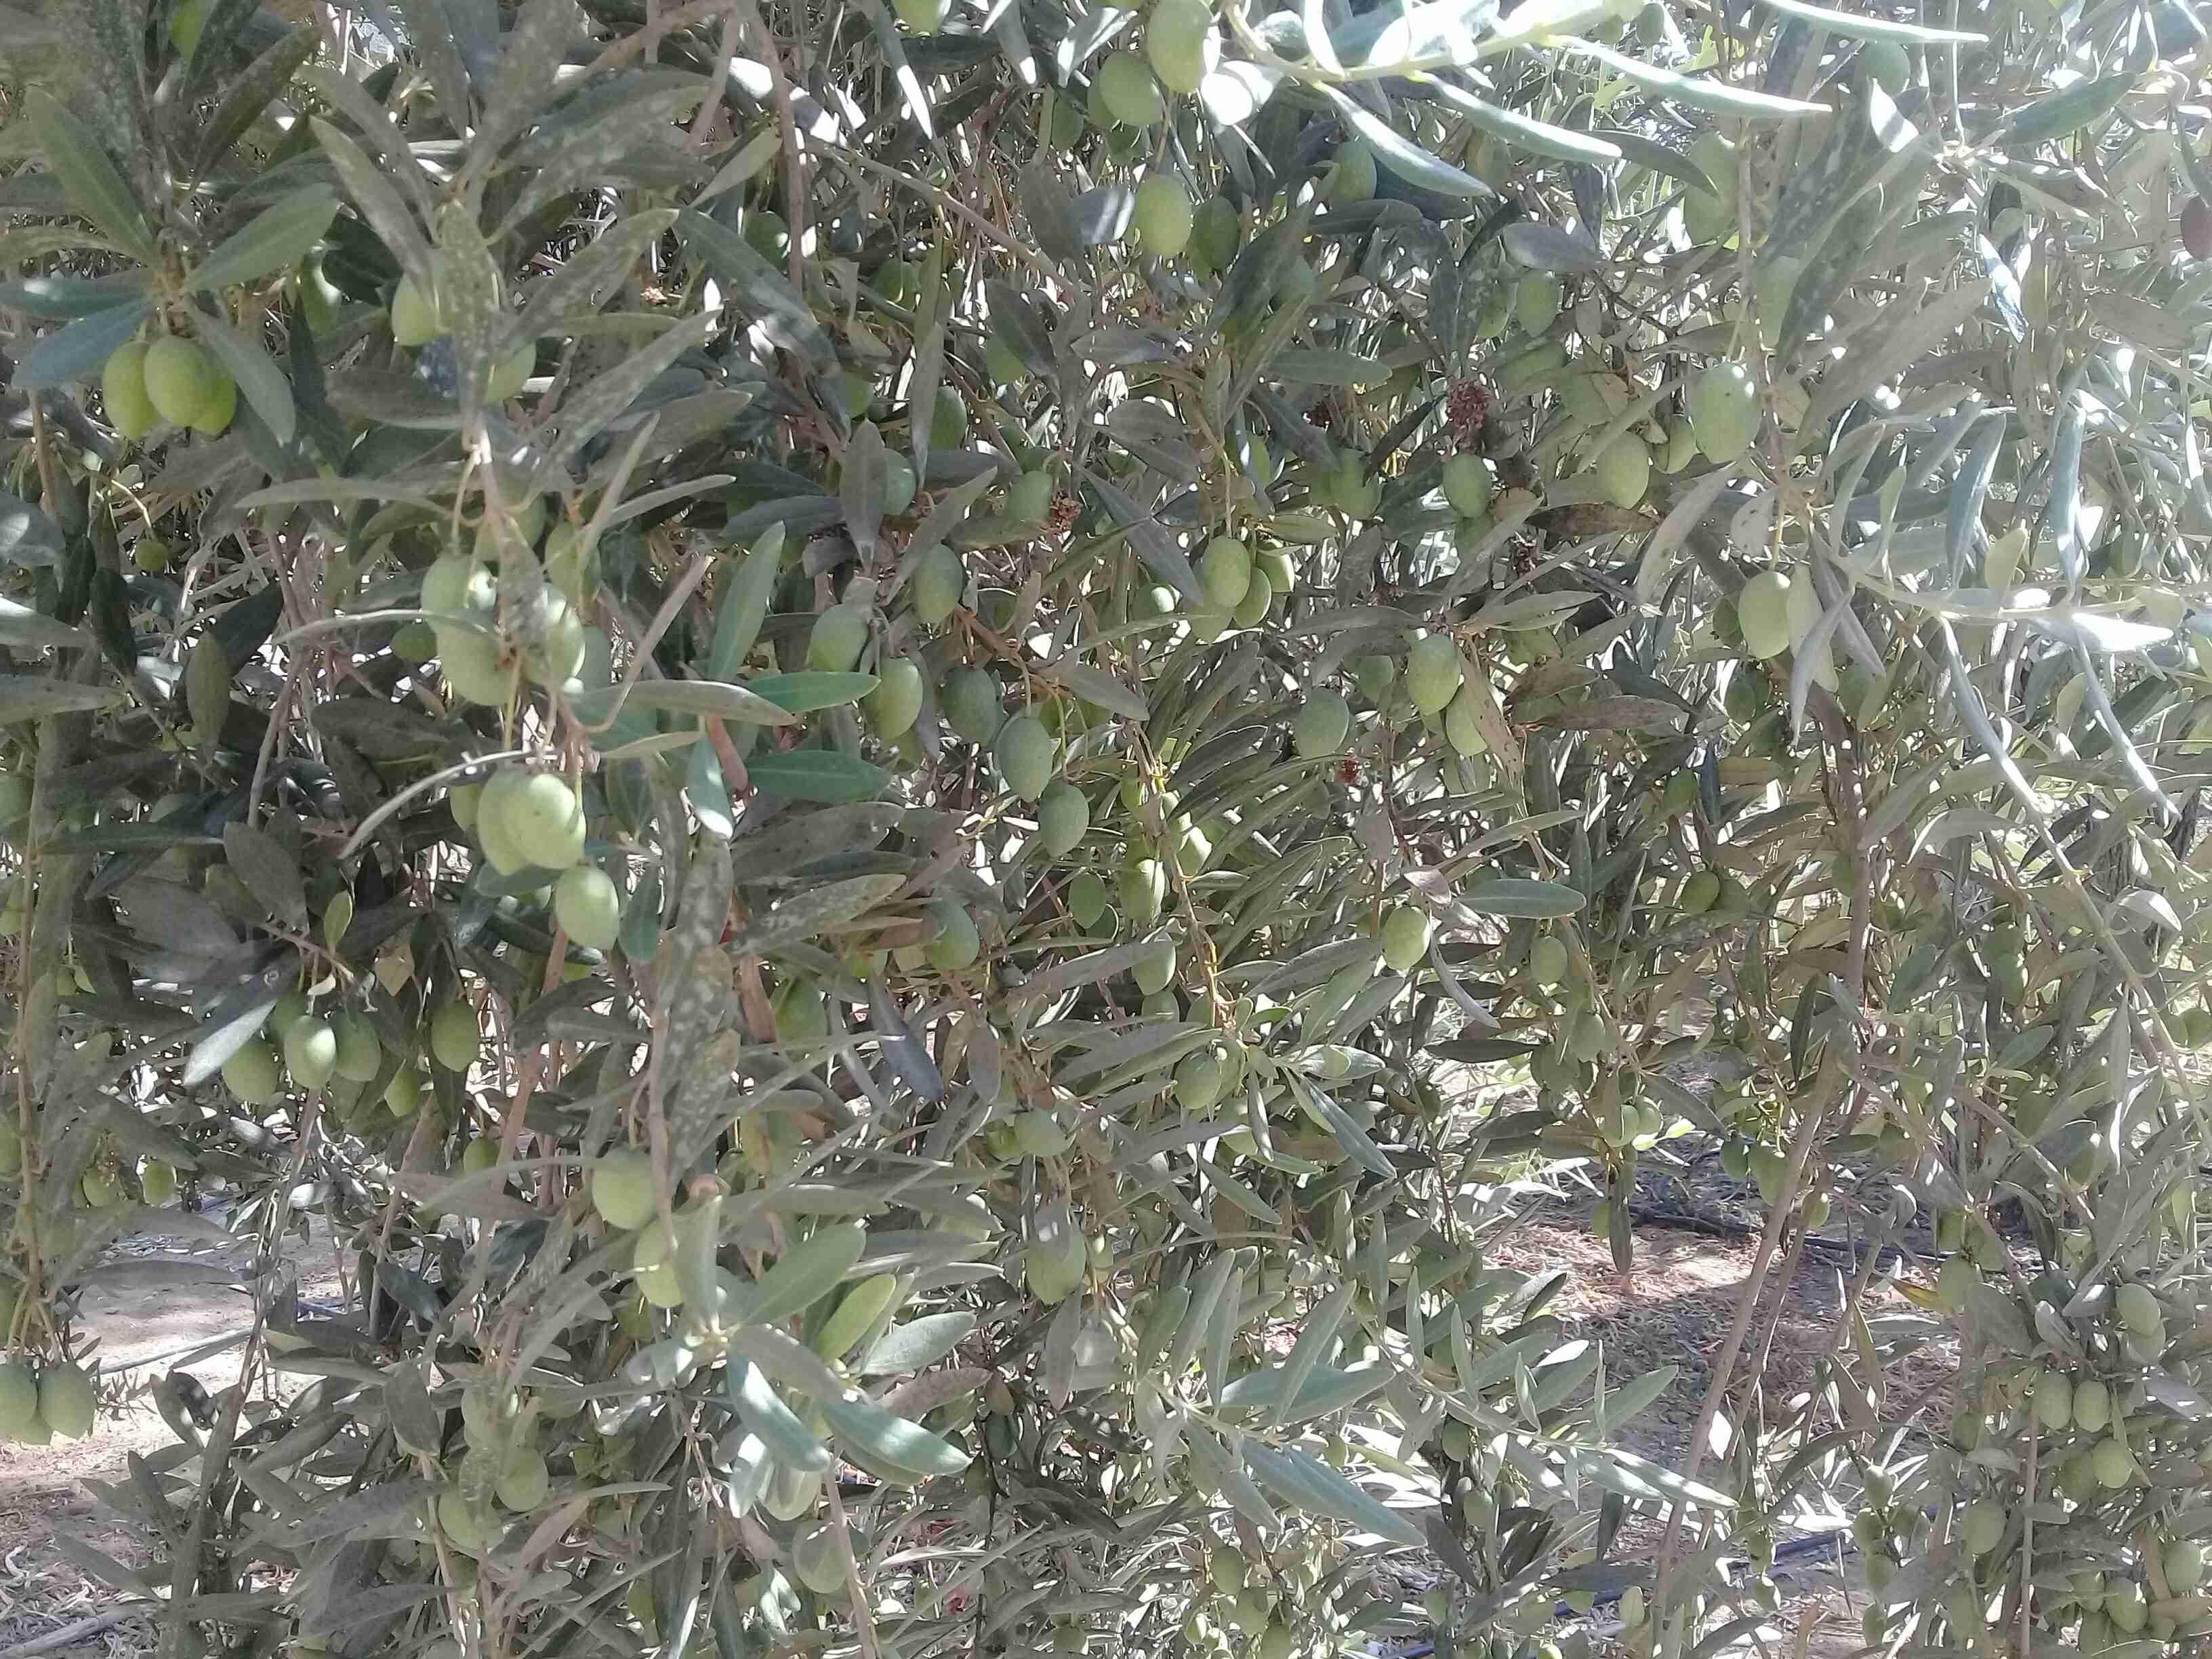 طريقتي لخزن طريقتين من الزيتون الأخضر رائع والطعم ولا أزكى زاكي Recipe Olive Cooking Recipes Side Plates